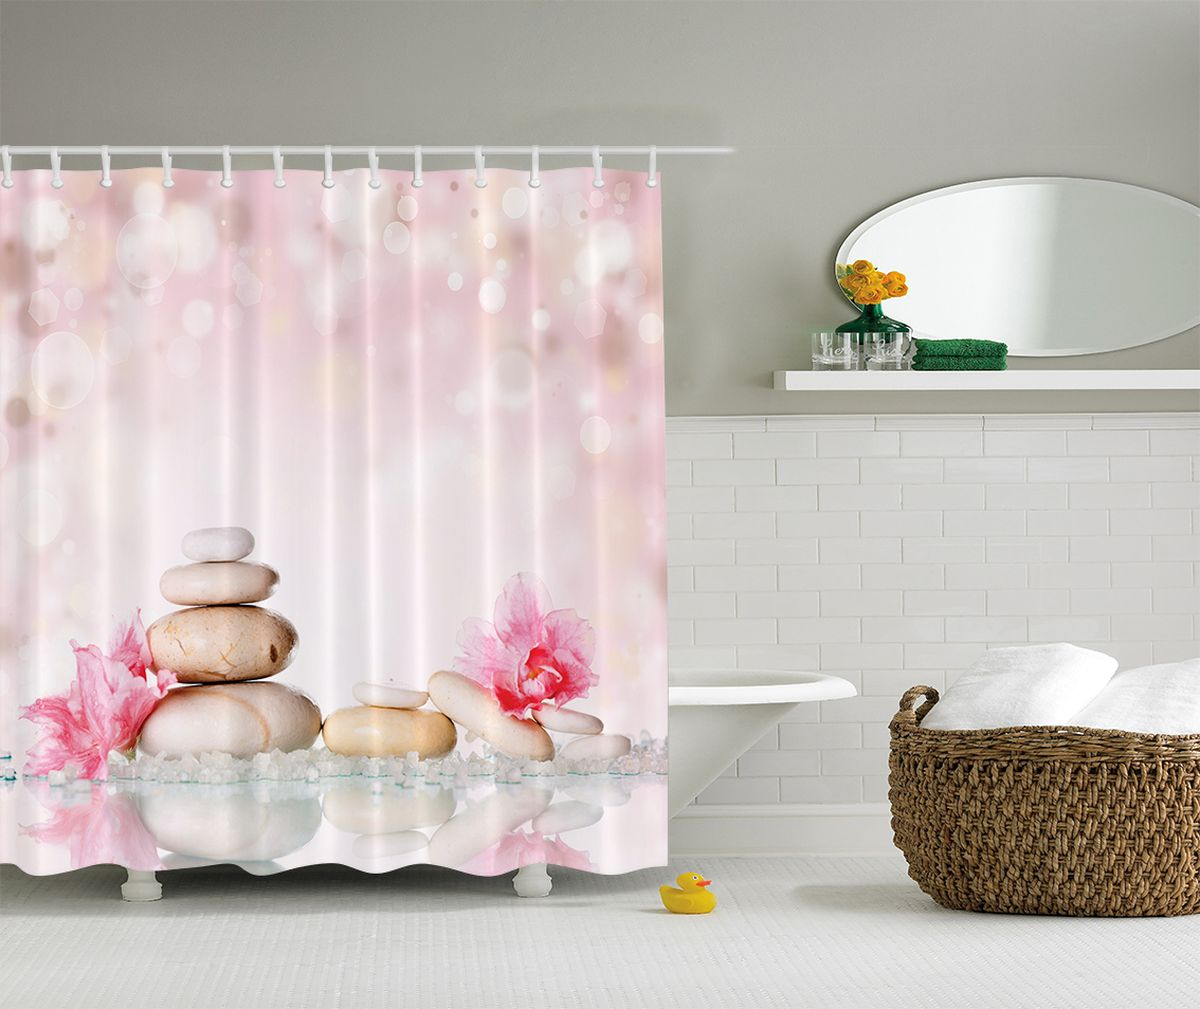 Штора для ванной комнаты Magic Lady Композиция, 180 х 200 см tube size 14mm 1 4 pt thread pneumatic